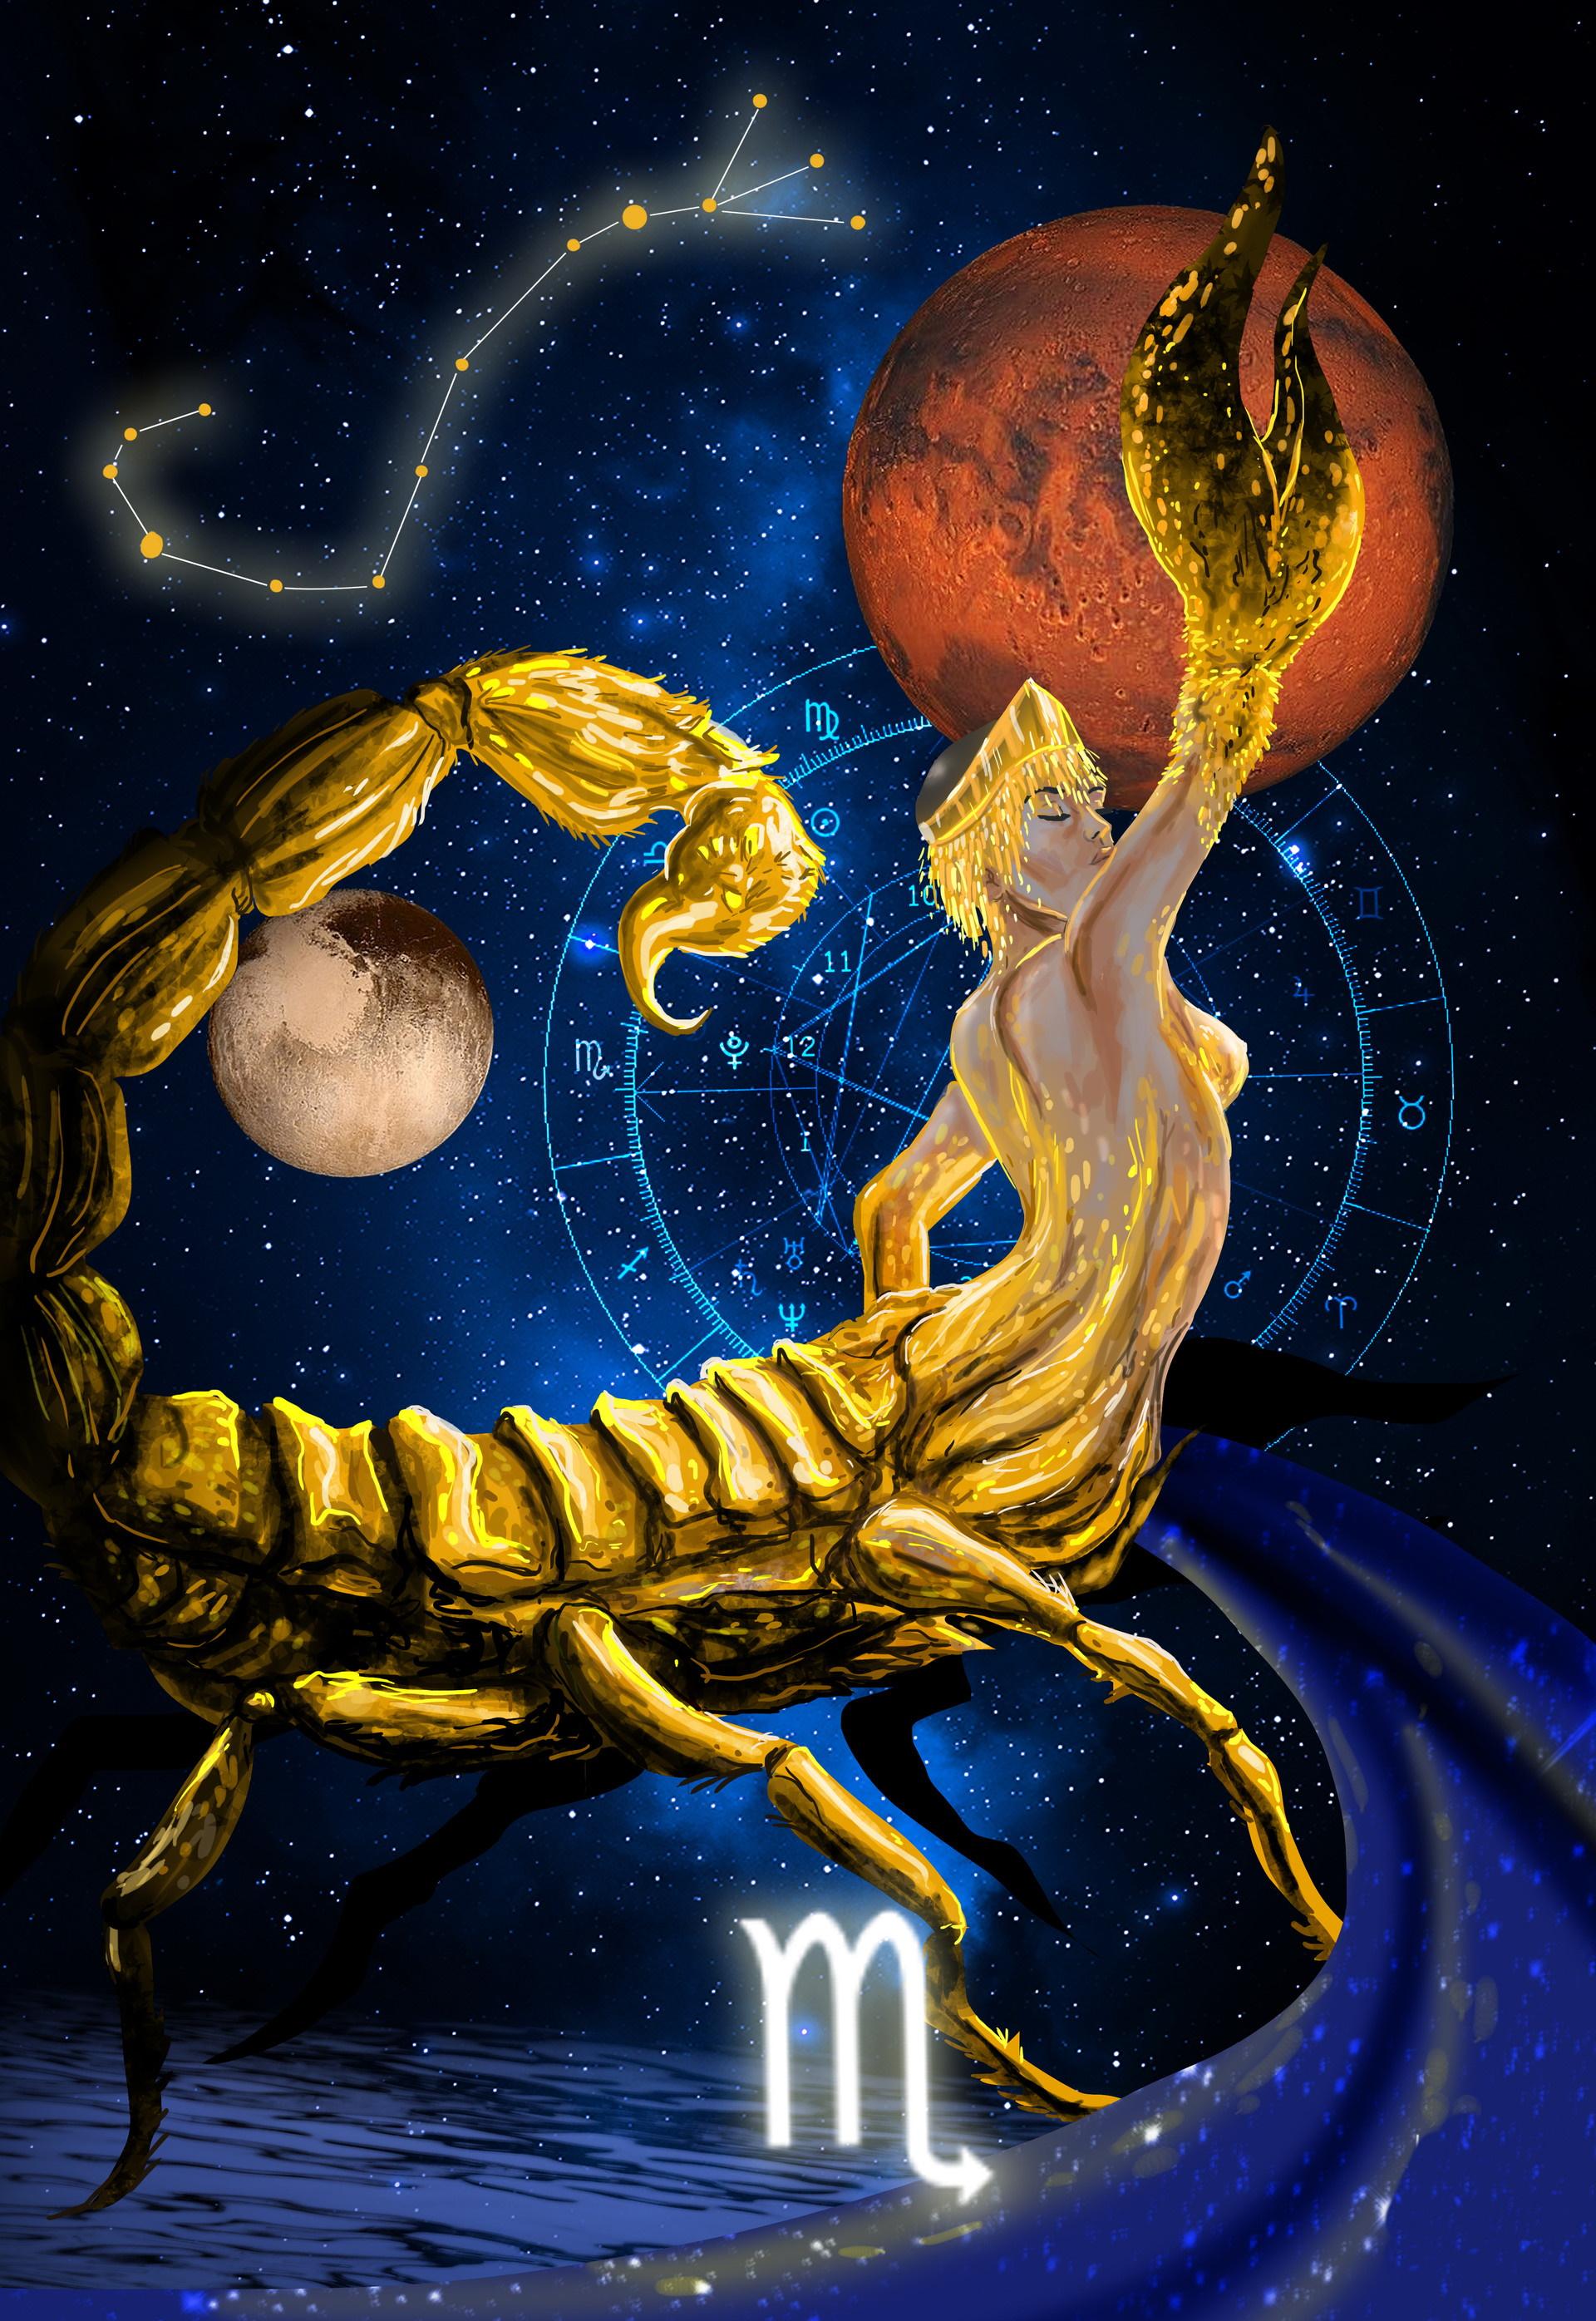 красивые картинки с знаками зодиаков вас подготовлена подборка